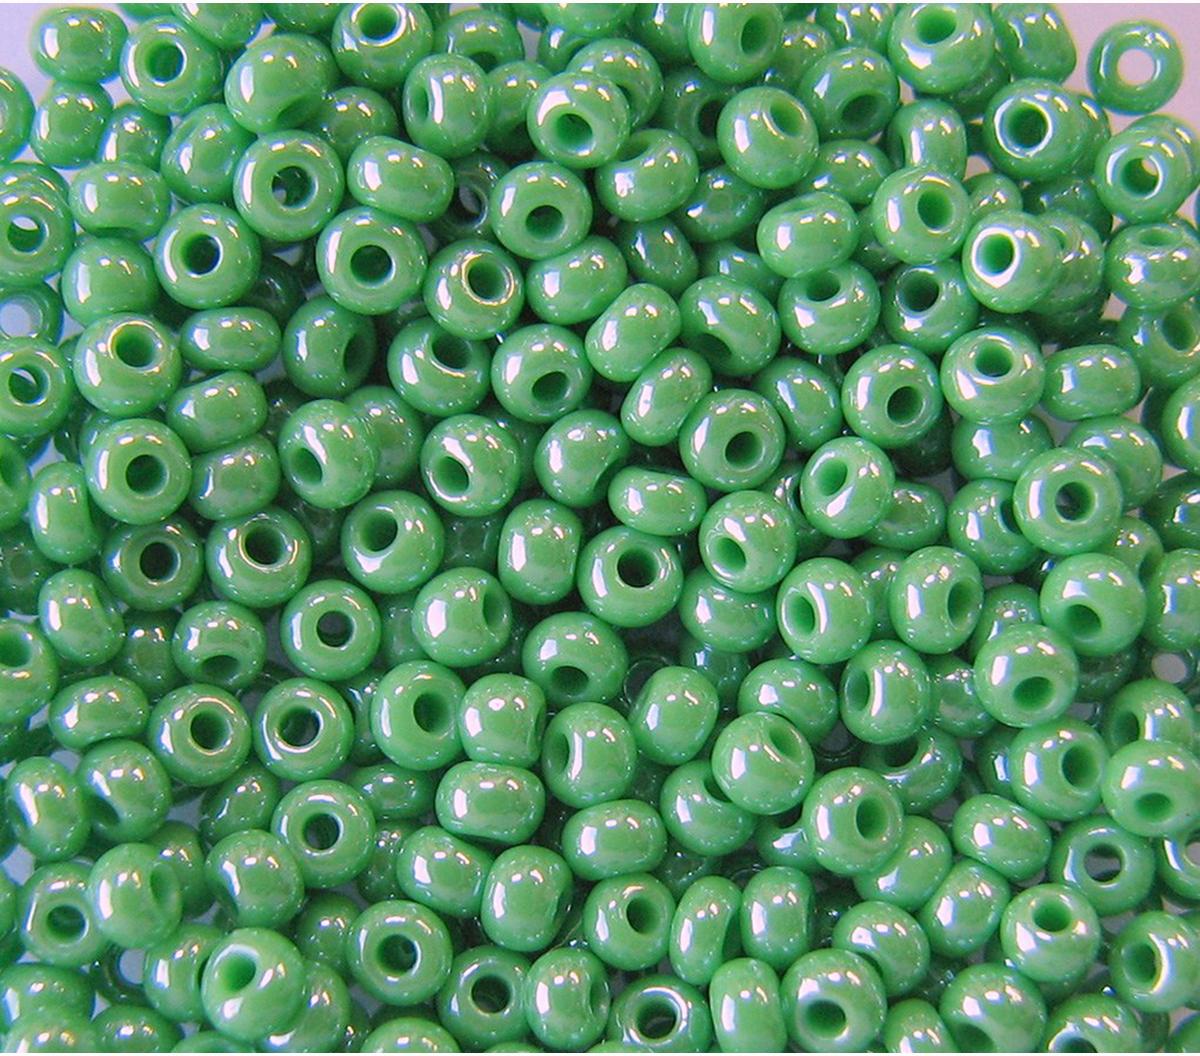 """Бисер """"Preciosa"""", непрозрачный, глянцевый, цвет: светло-зеленый (58210), 10/0, 5 г"""